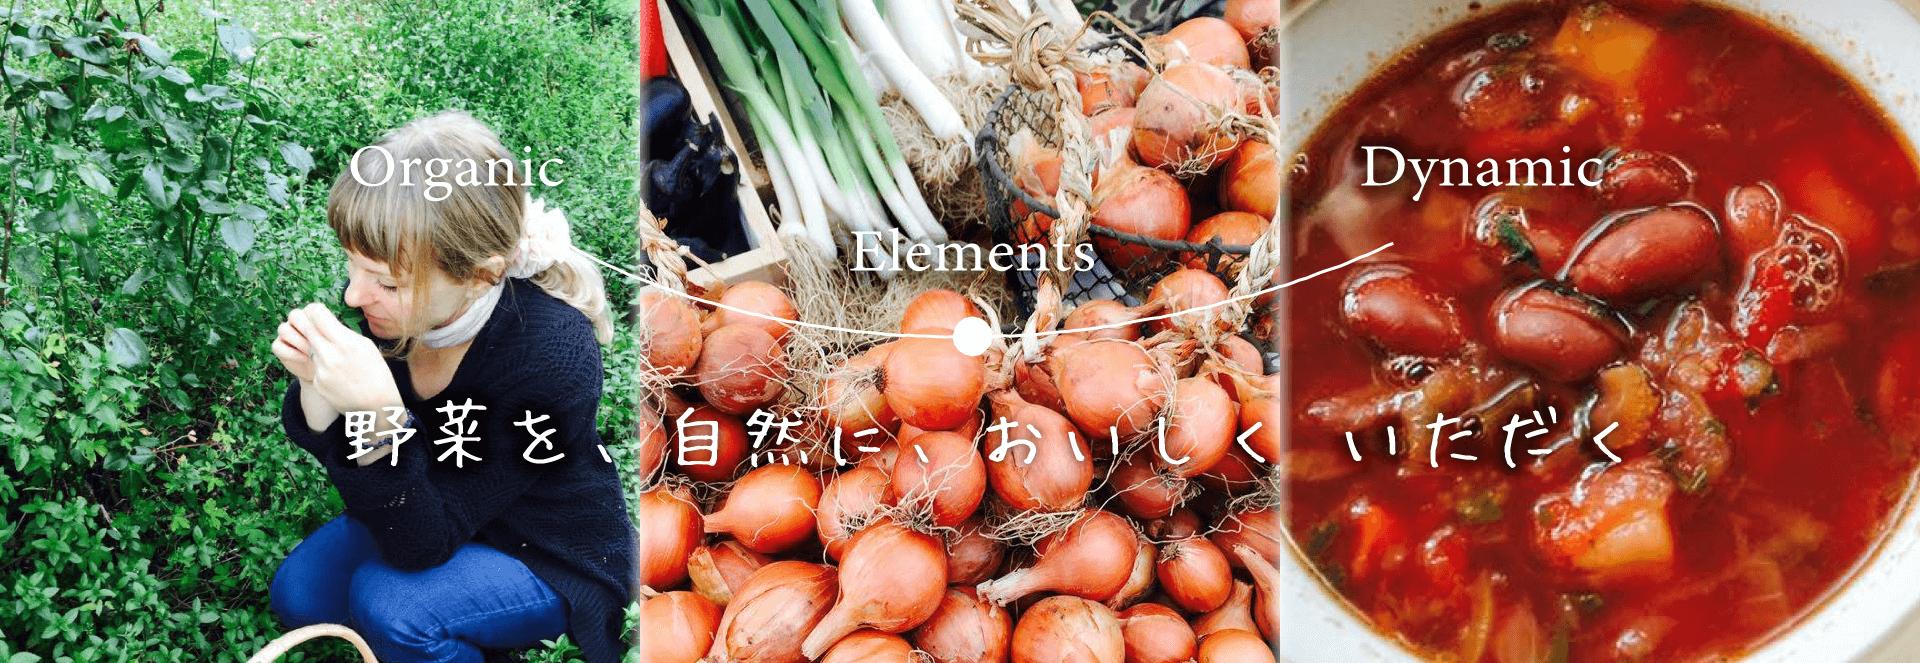 ダイナミック オーガニック エレメント 野菜を、自然に、おいしく いただく